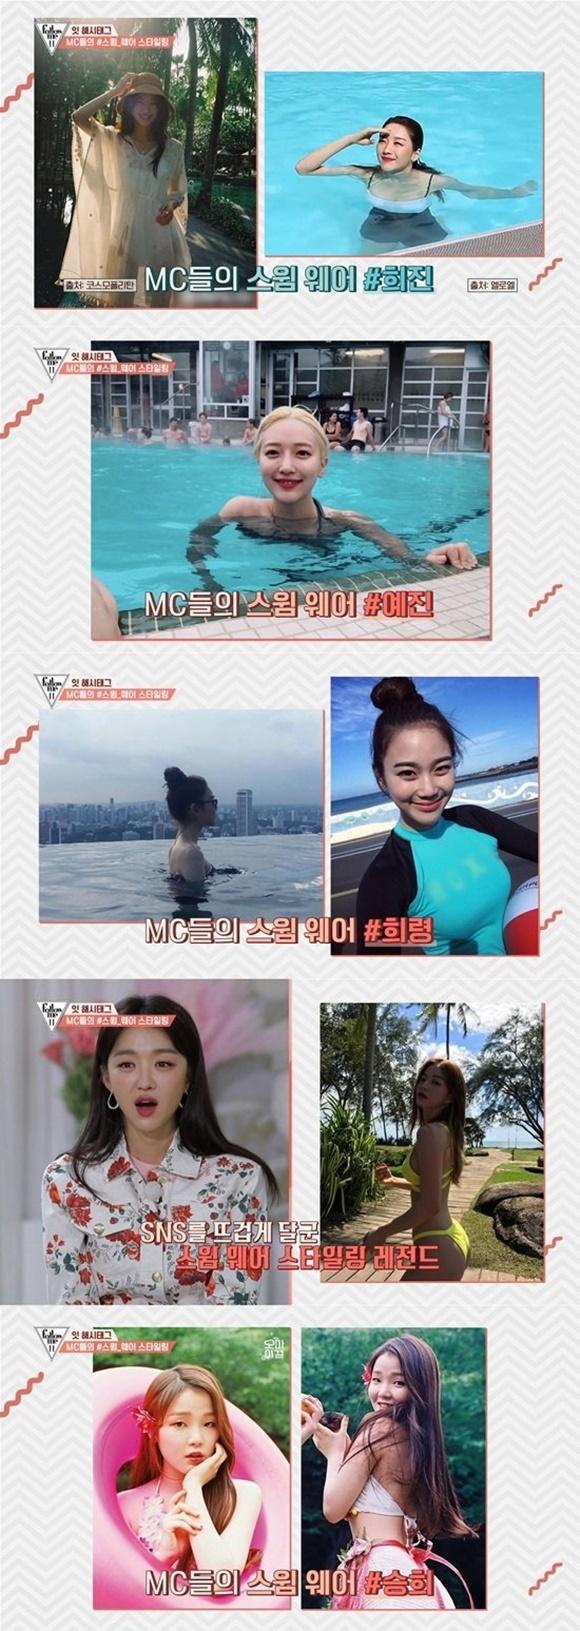 '스윙스♥' 임보라, SNS '좋아요' 10만개 받은 비키니 사진 공개